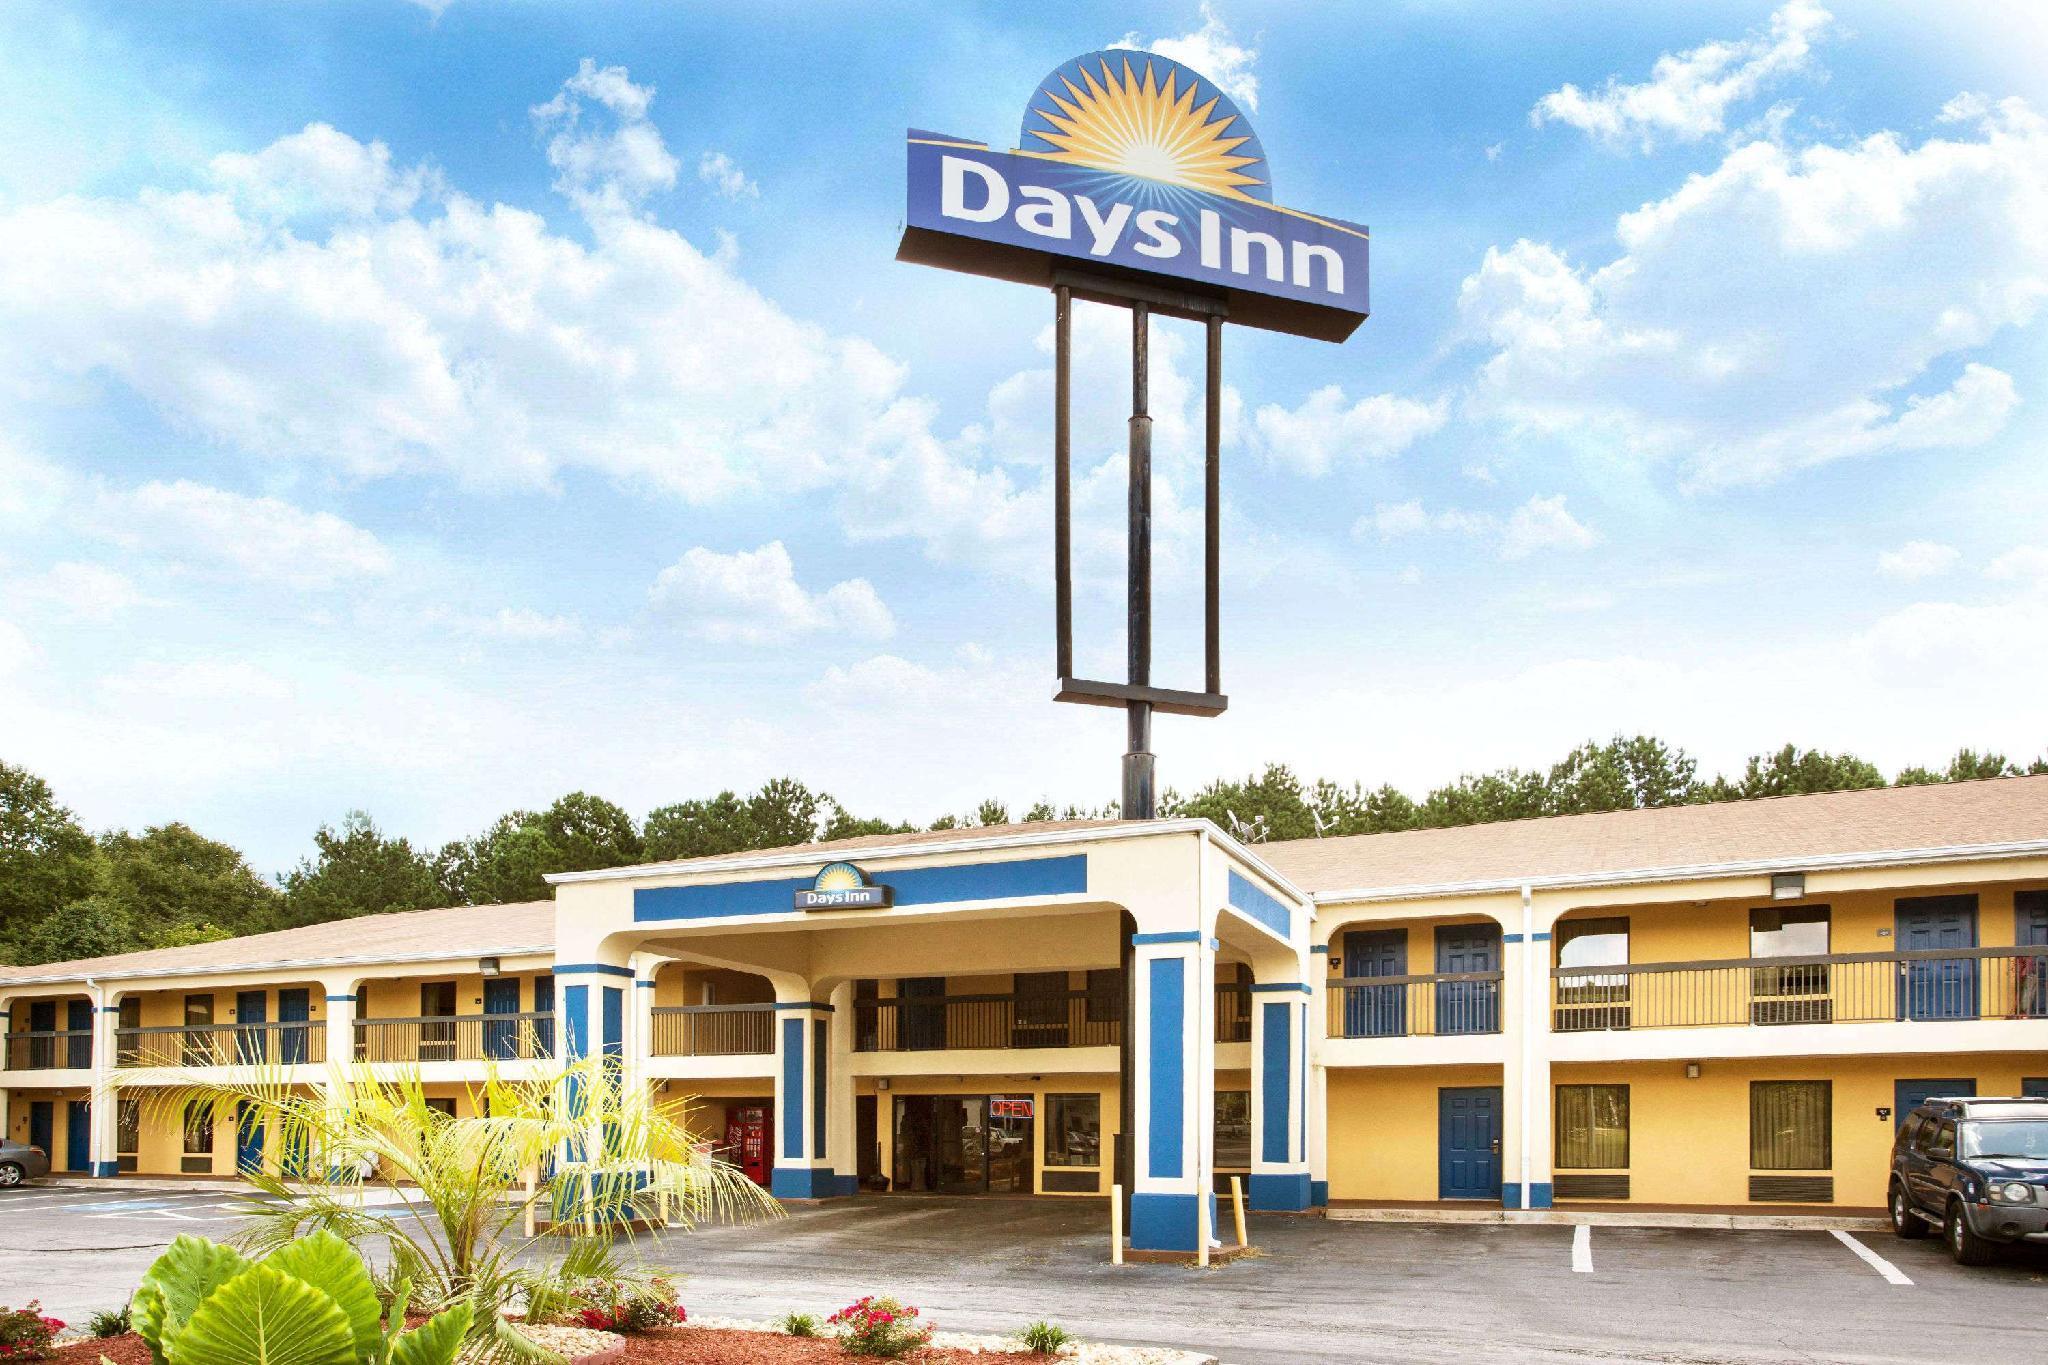 Days Inn By Wyndham Covington